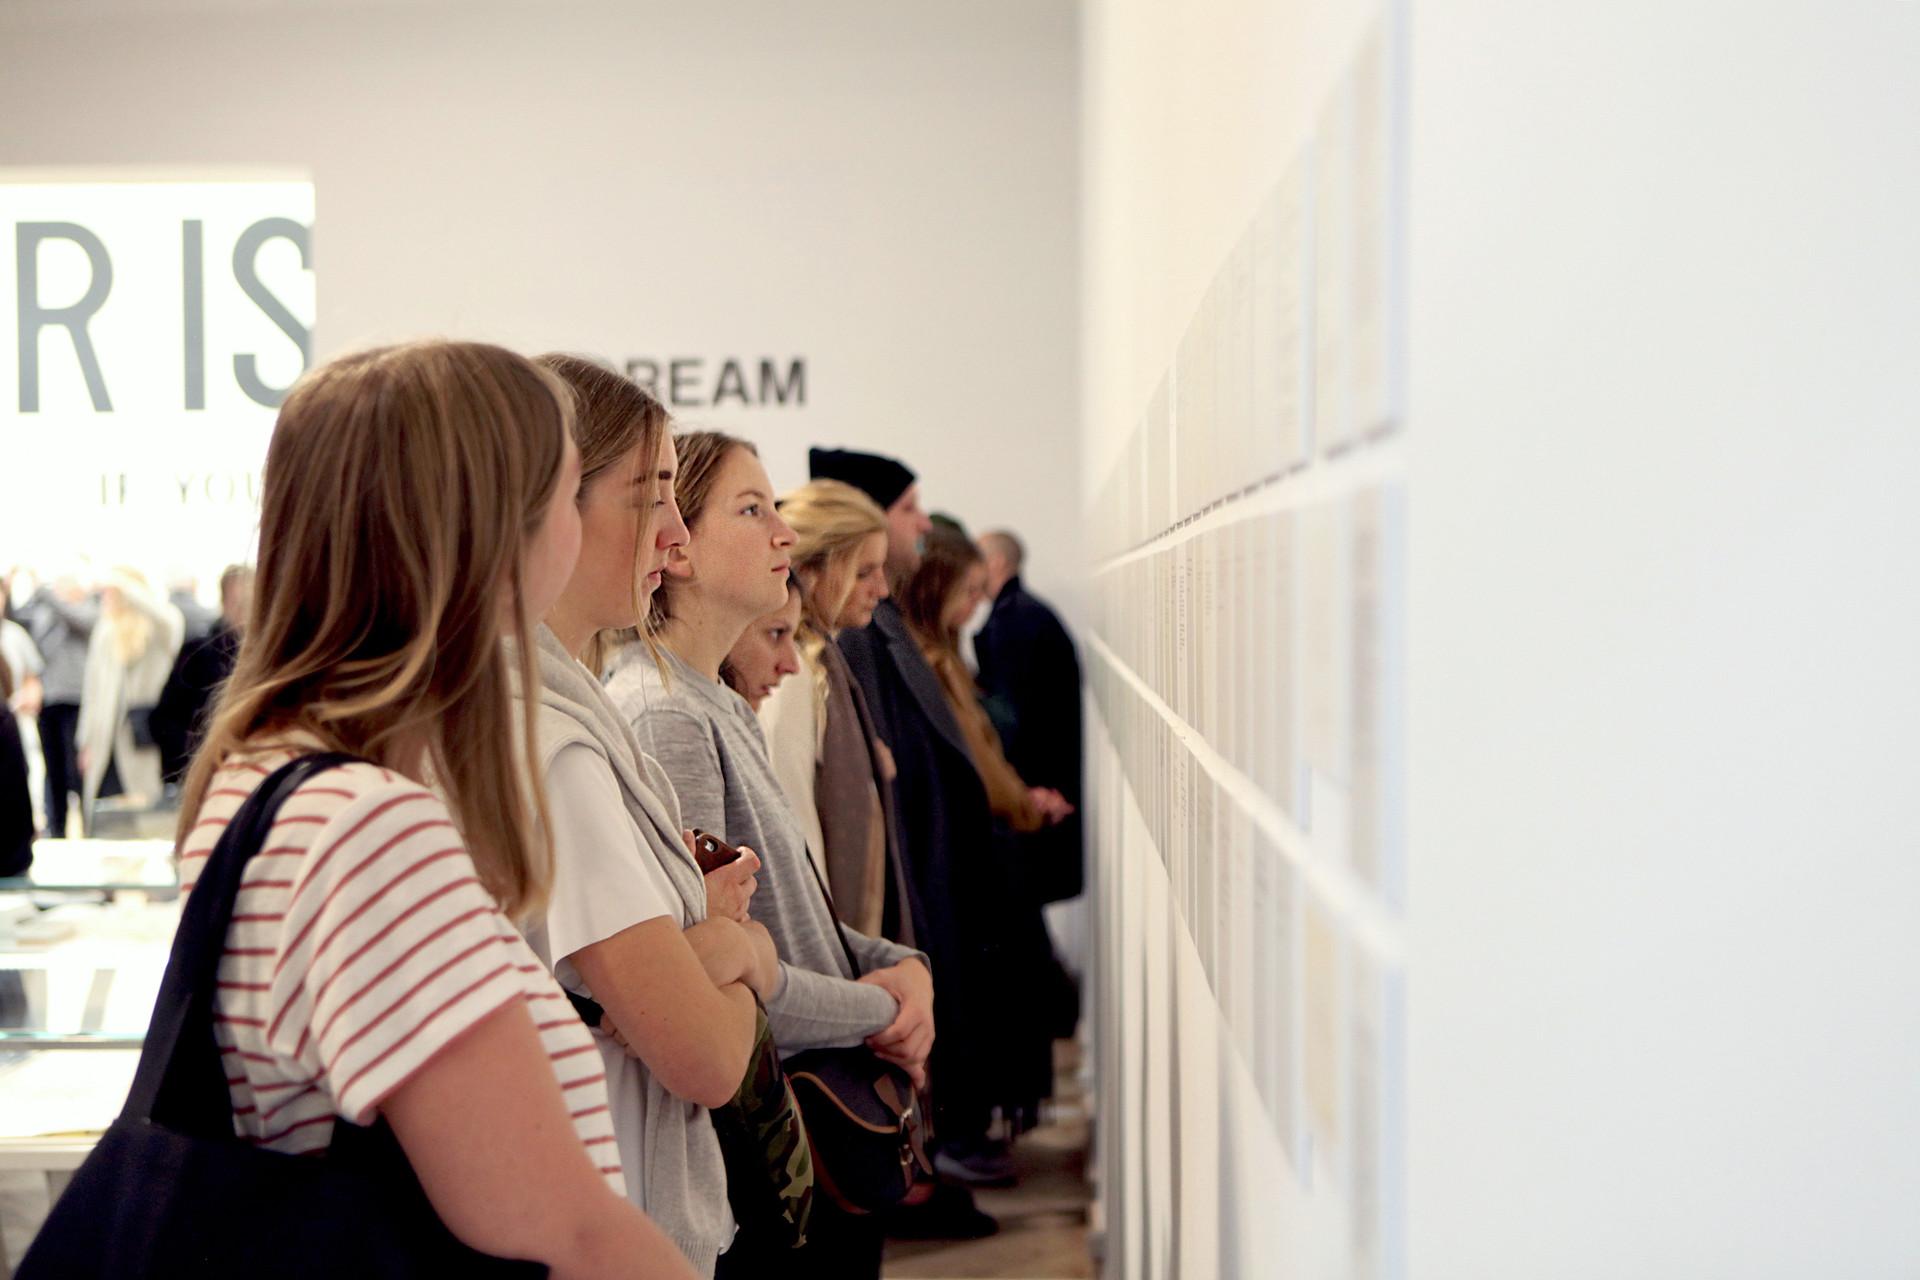 vilde livsdatter_exhibitions-8241.jpg